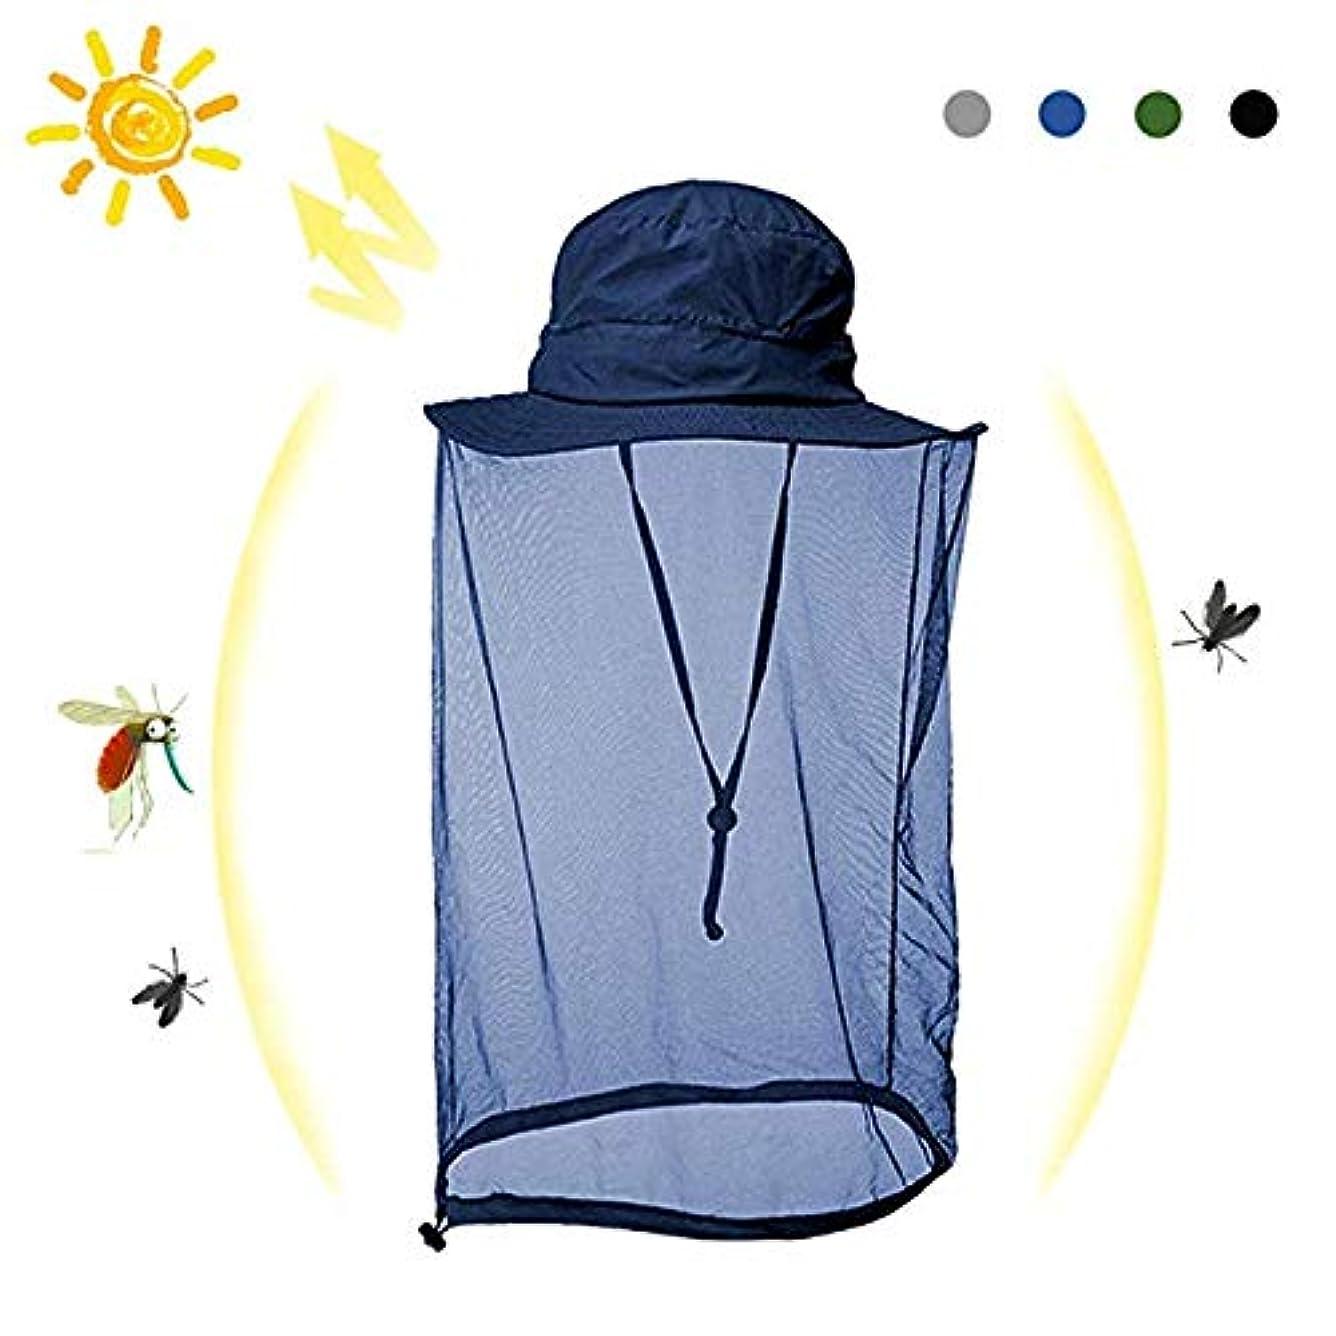 ペイント乳白色動機付ける帽子 ネット 虫除け 蚊よけ 防虫ネット メッシュ カバー 携帯 頭部 蚊帳 紫外線対策 農作業 釣り ハイキング アウトドア